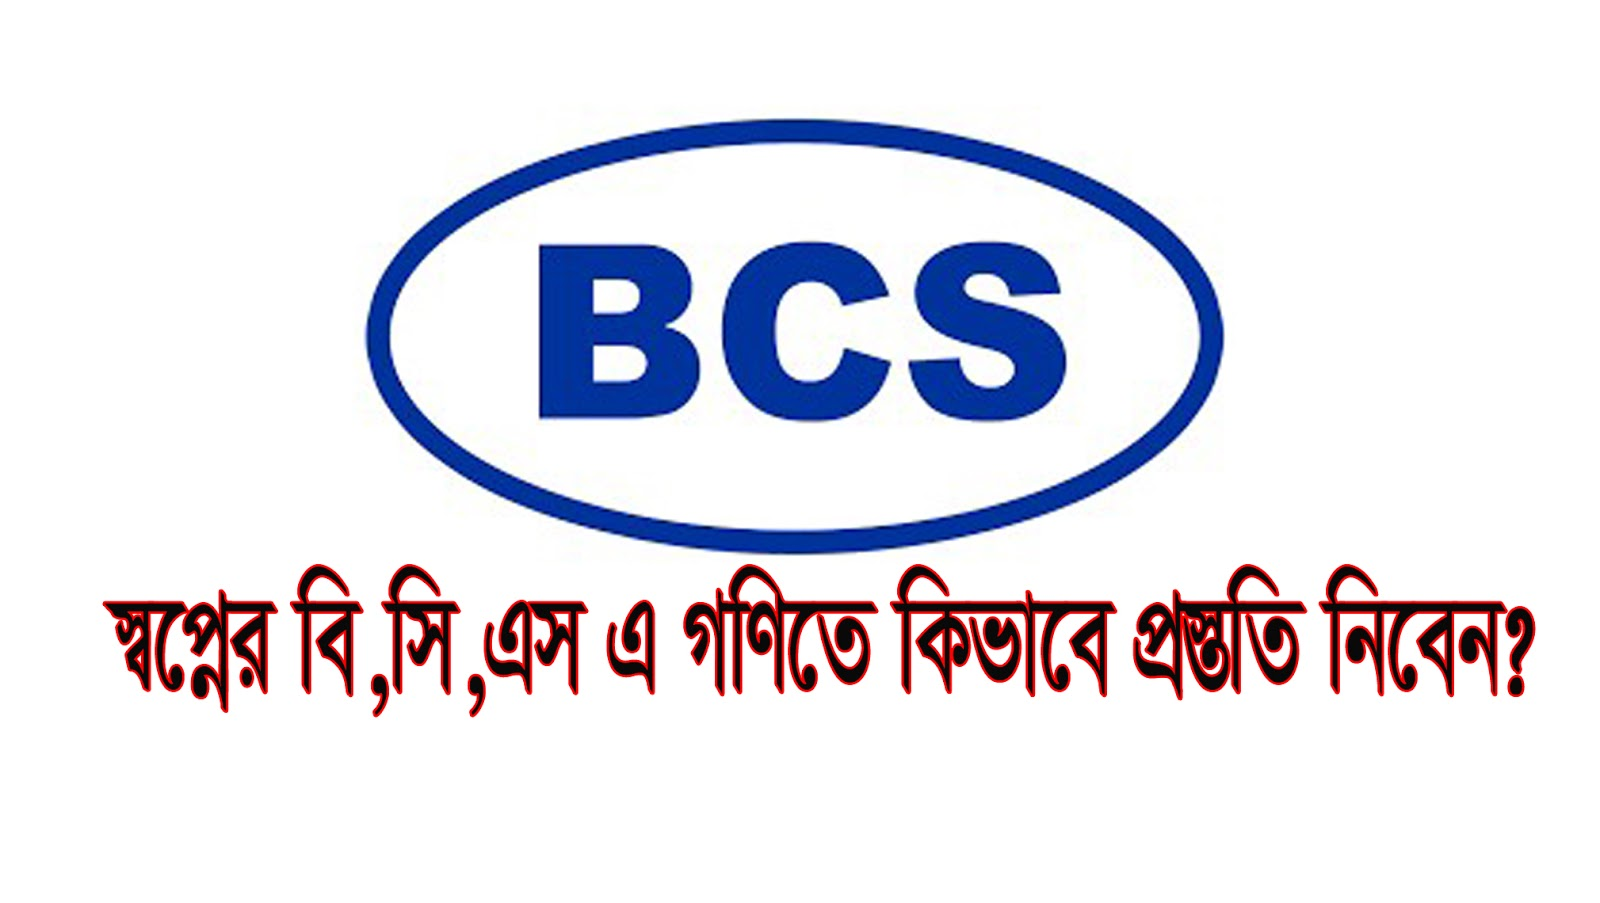 বিসিএস প্রিলির জন্য গণিত প্রস্তুতি | কিভাবে রপ্ত করবেন গণিত? BCS Preparation